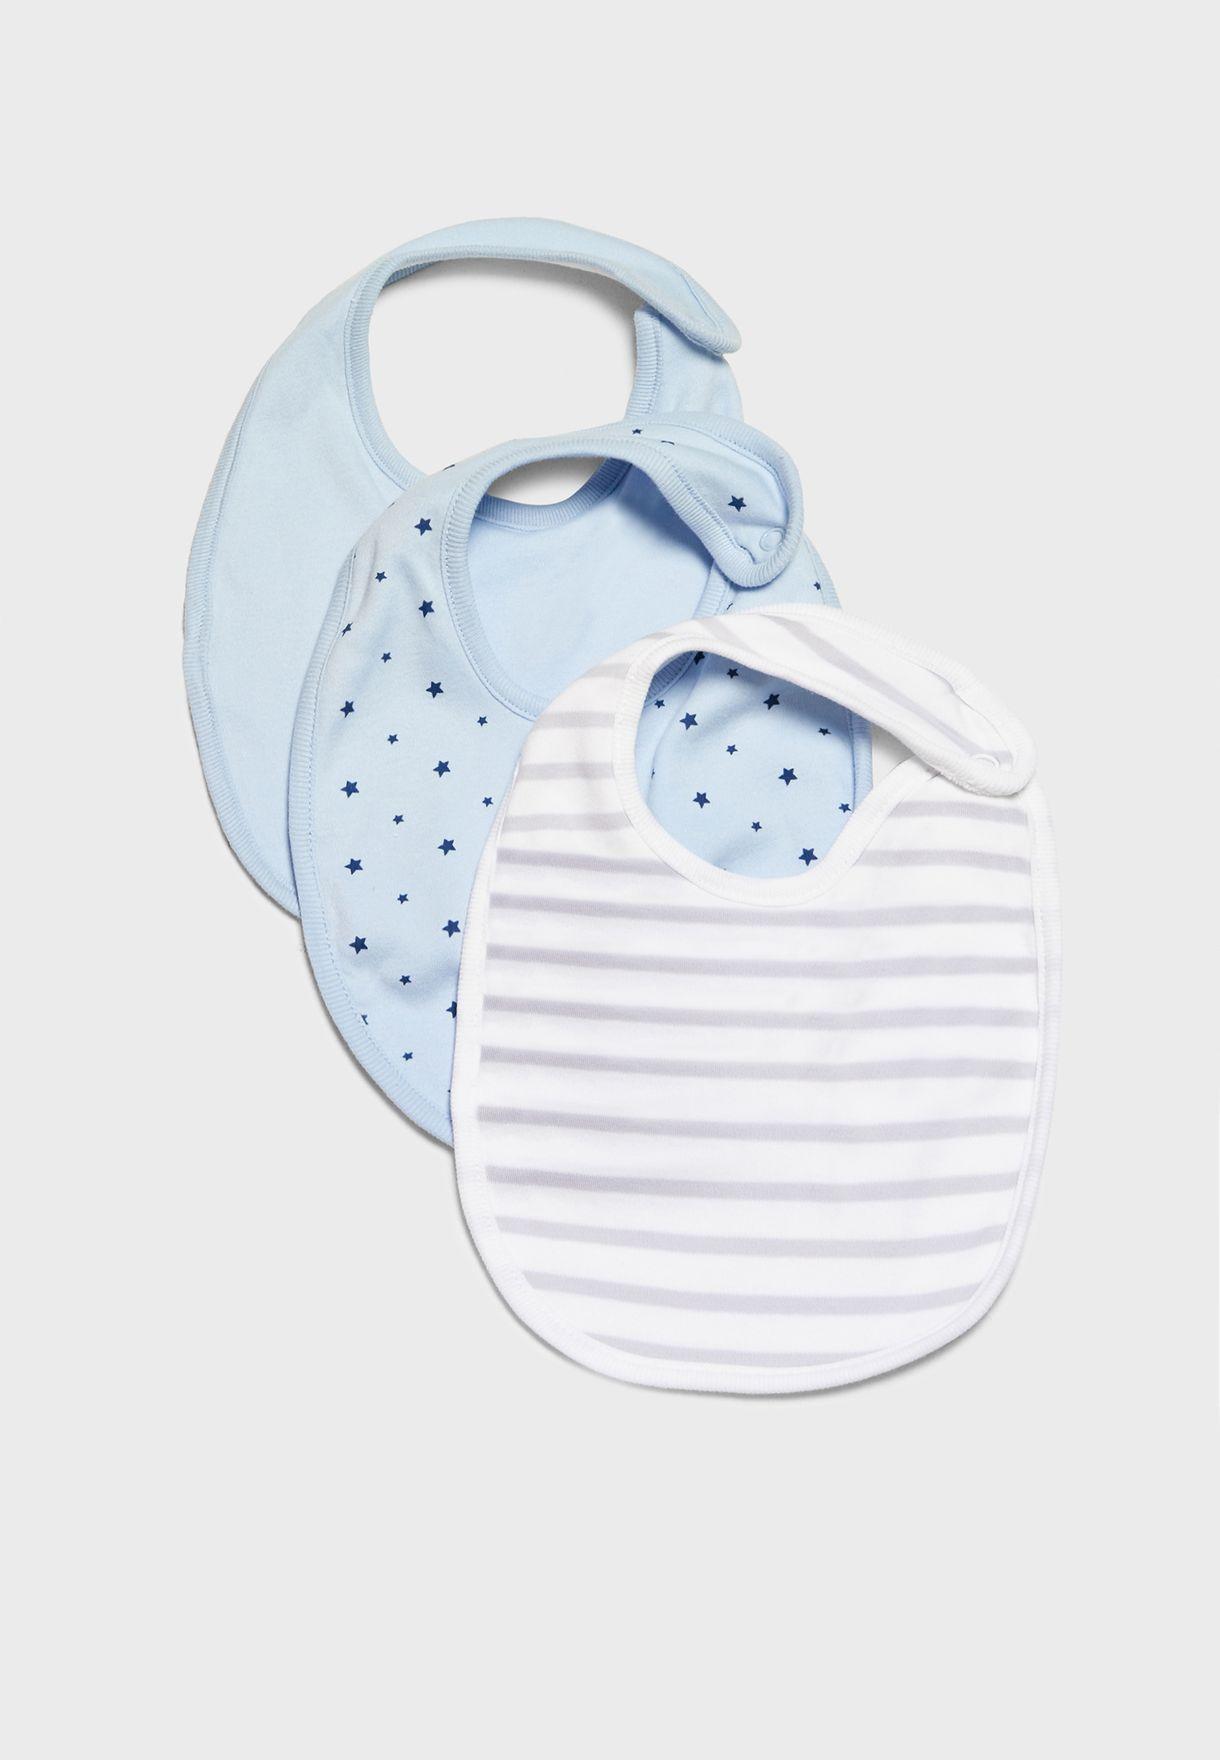 Infant 3 Pack Bibs Set